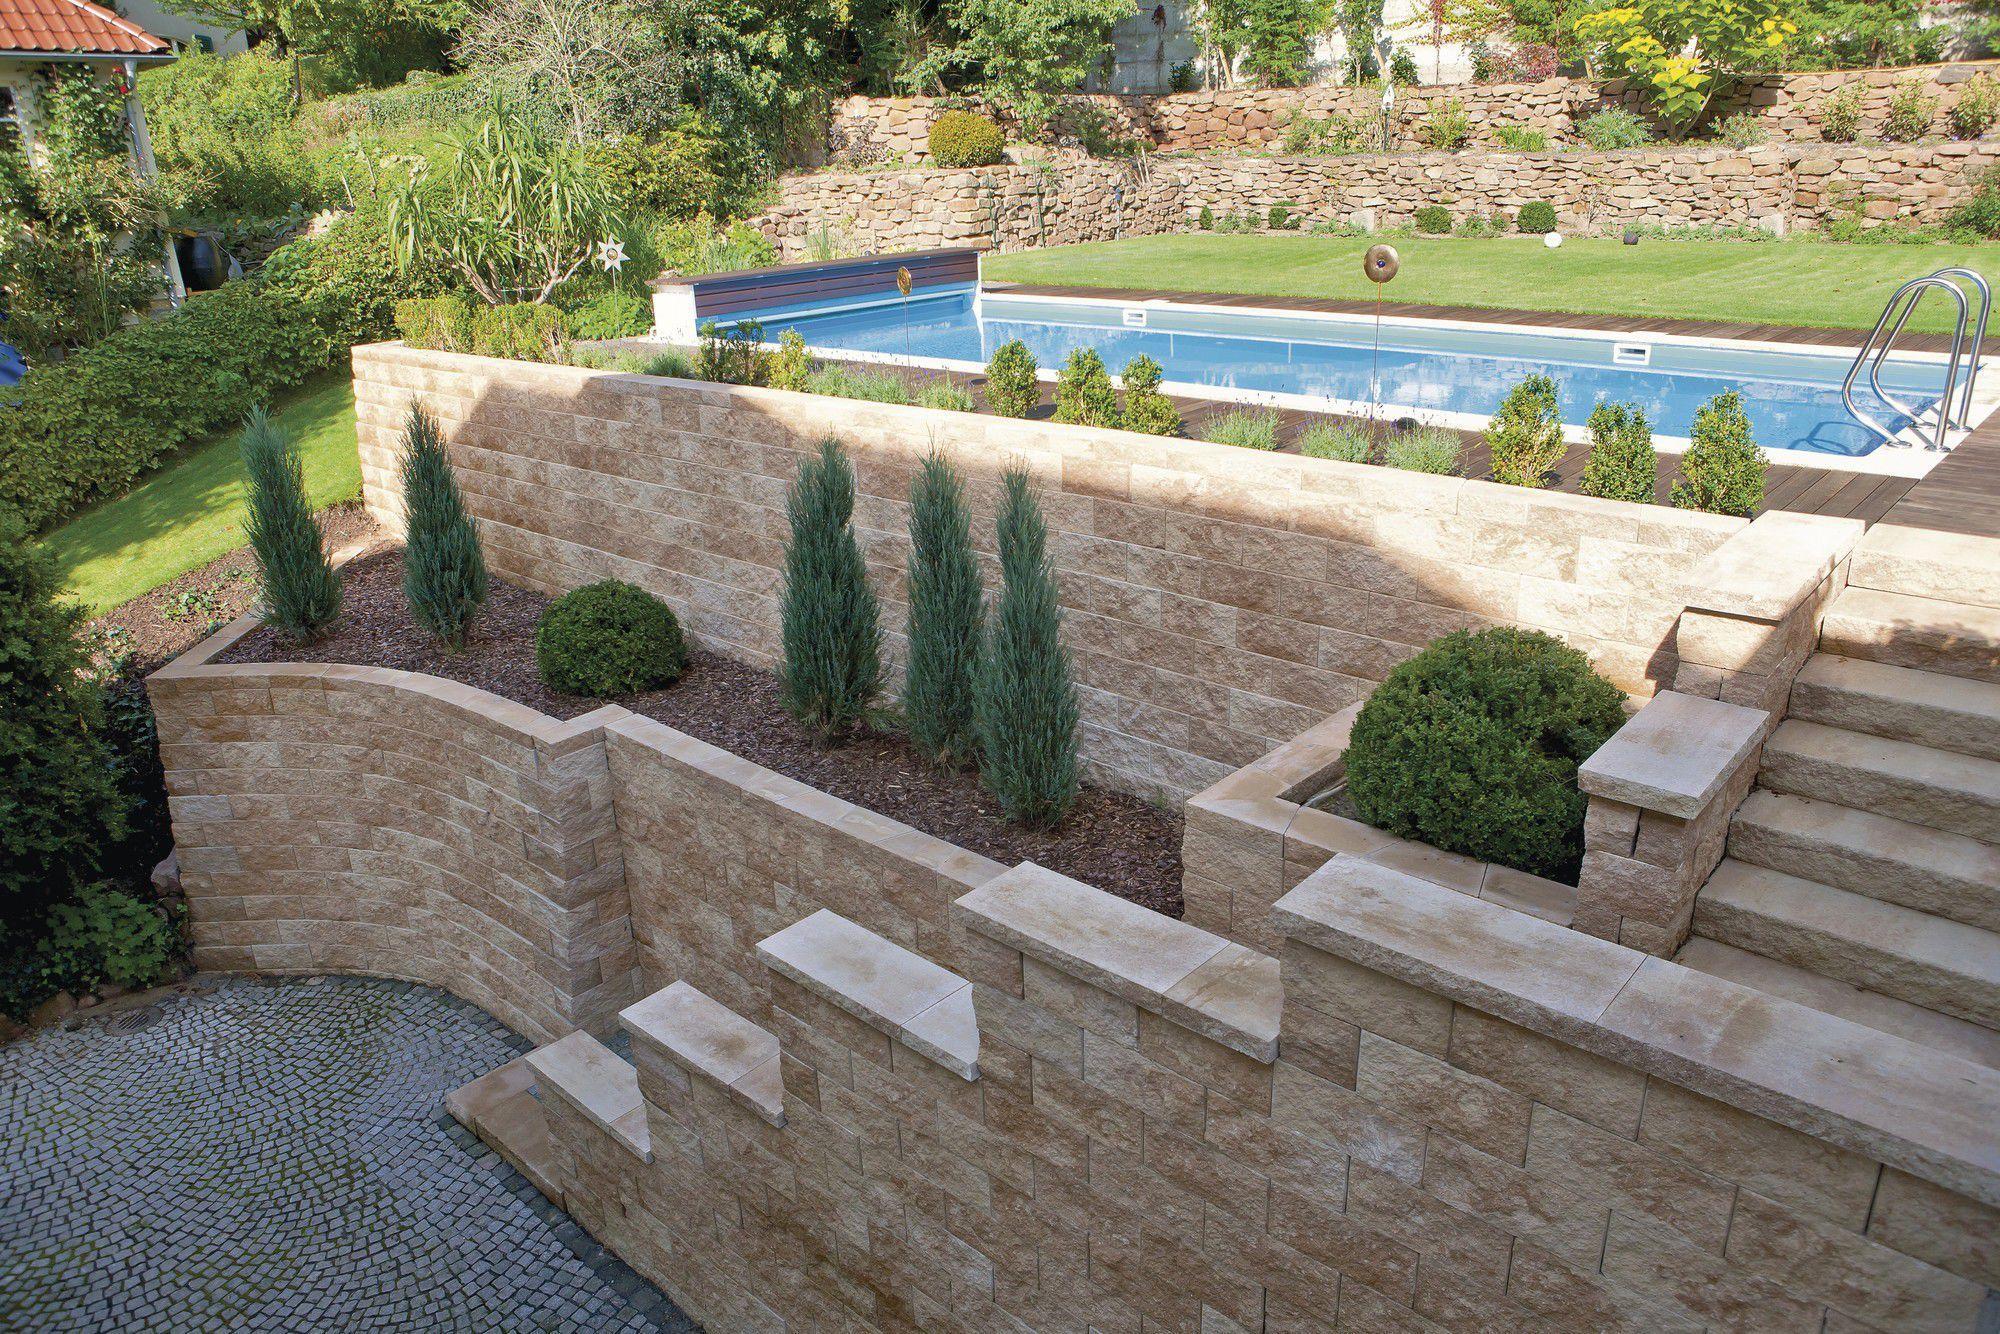 Mur De Soutènement En Pierre / Modulaire / Pour Mur / Pour Clôture De Jardin    VERTICA®   Rinn Beton  Und Naturstein Stadtroda GmbH | Pinterest ...